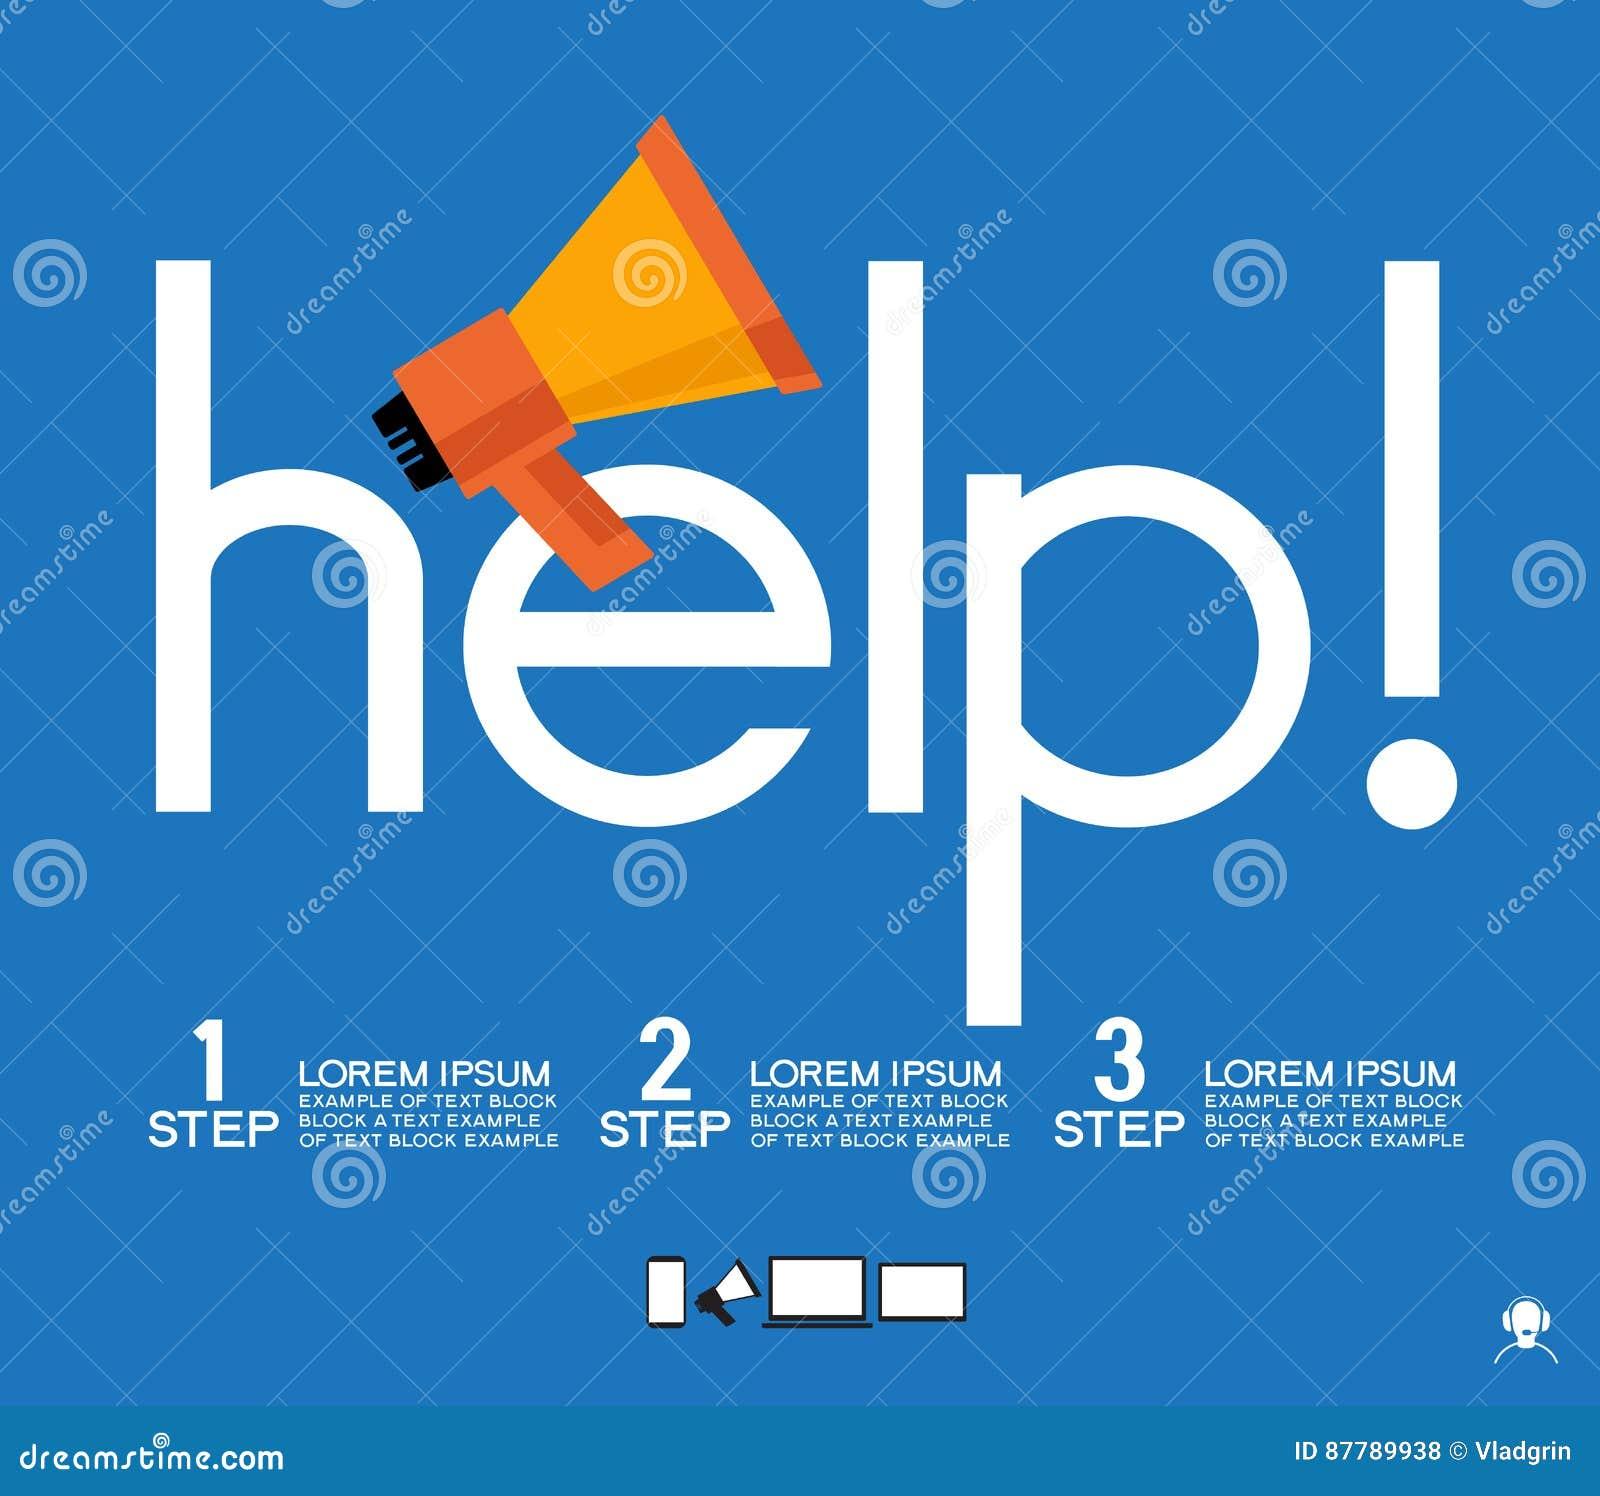 template help background vector illustration 87789938. Black Bedroom Furniture Sets. Home Design Ideas